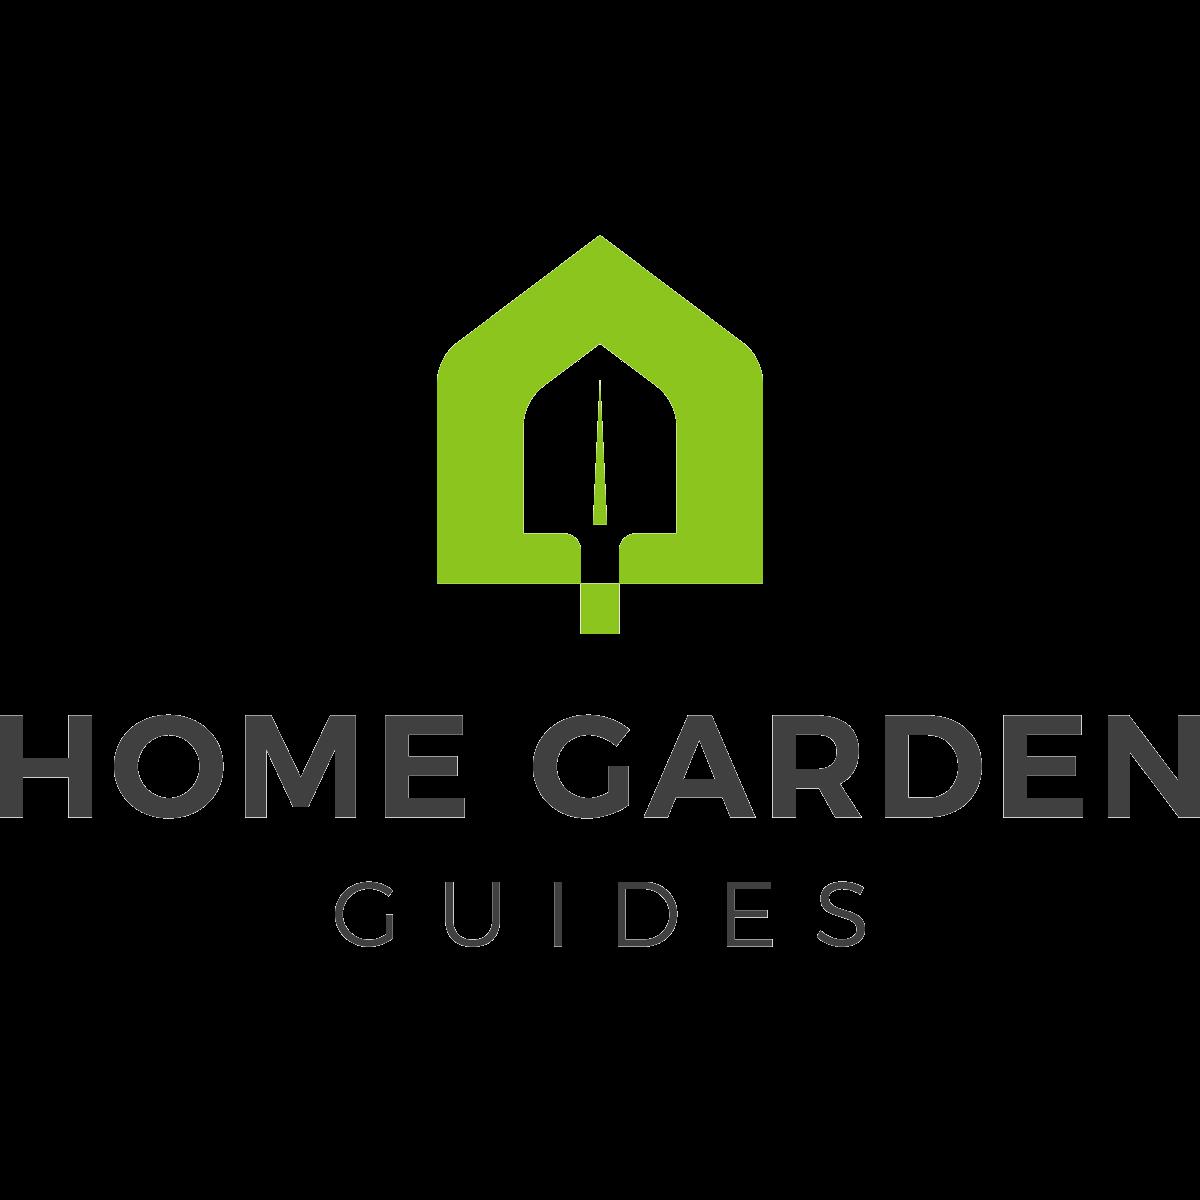 Home Garden Guides